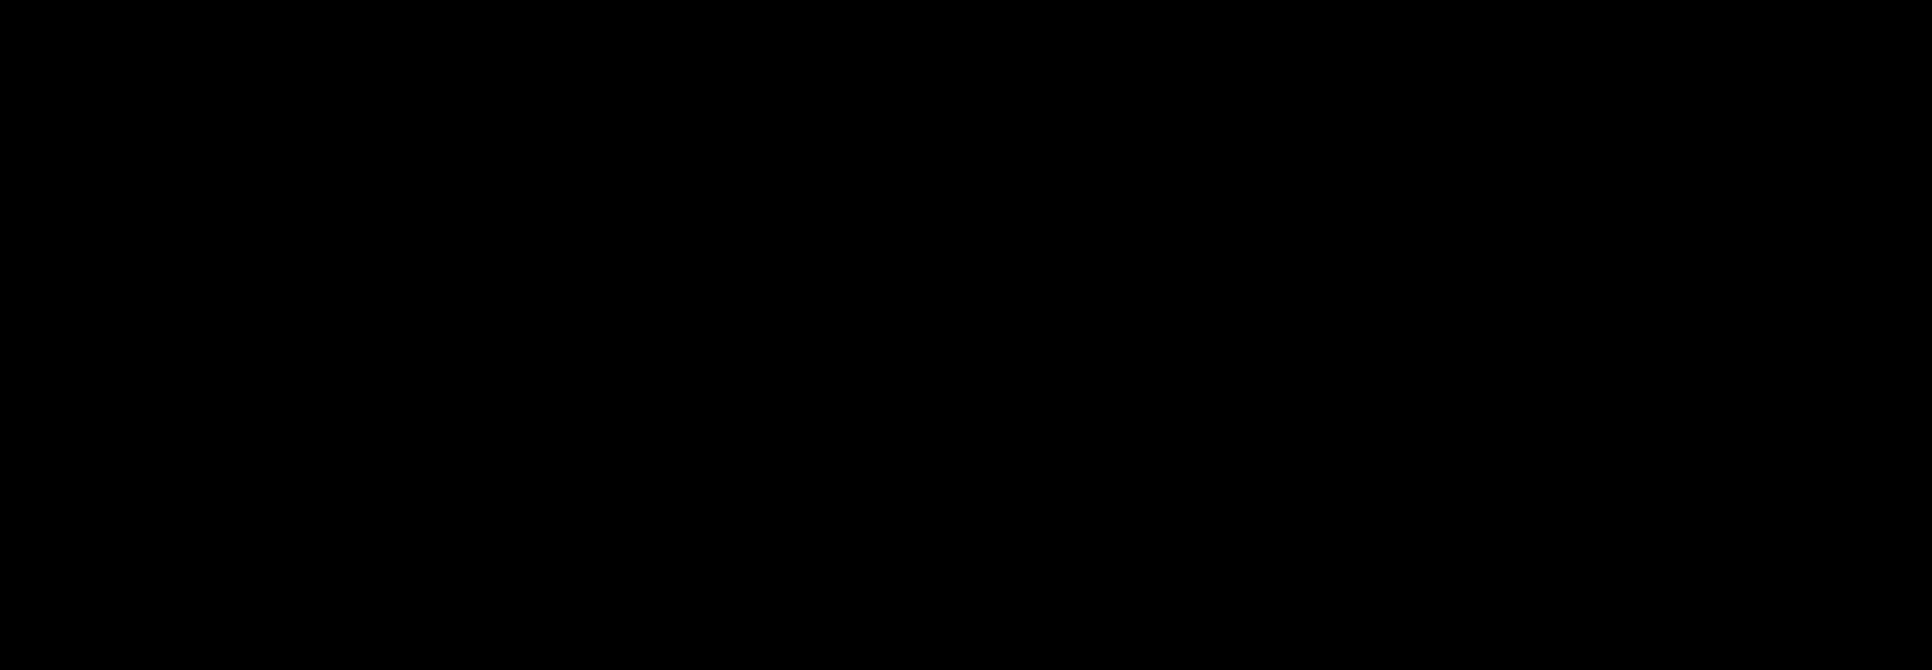 Methyl 8-oxo-8-(phenylamino-d<sub>5</sub>)octanoate